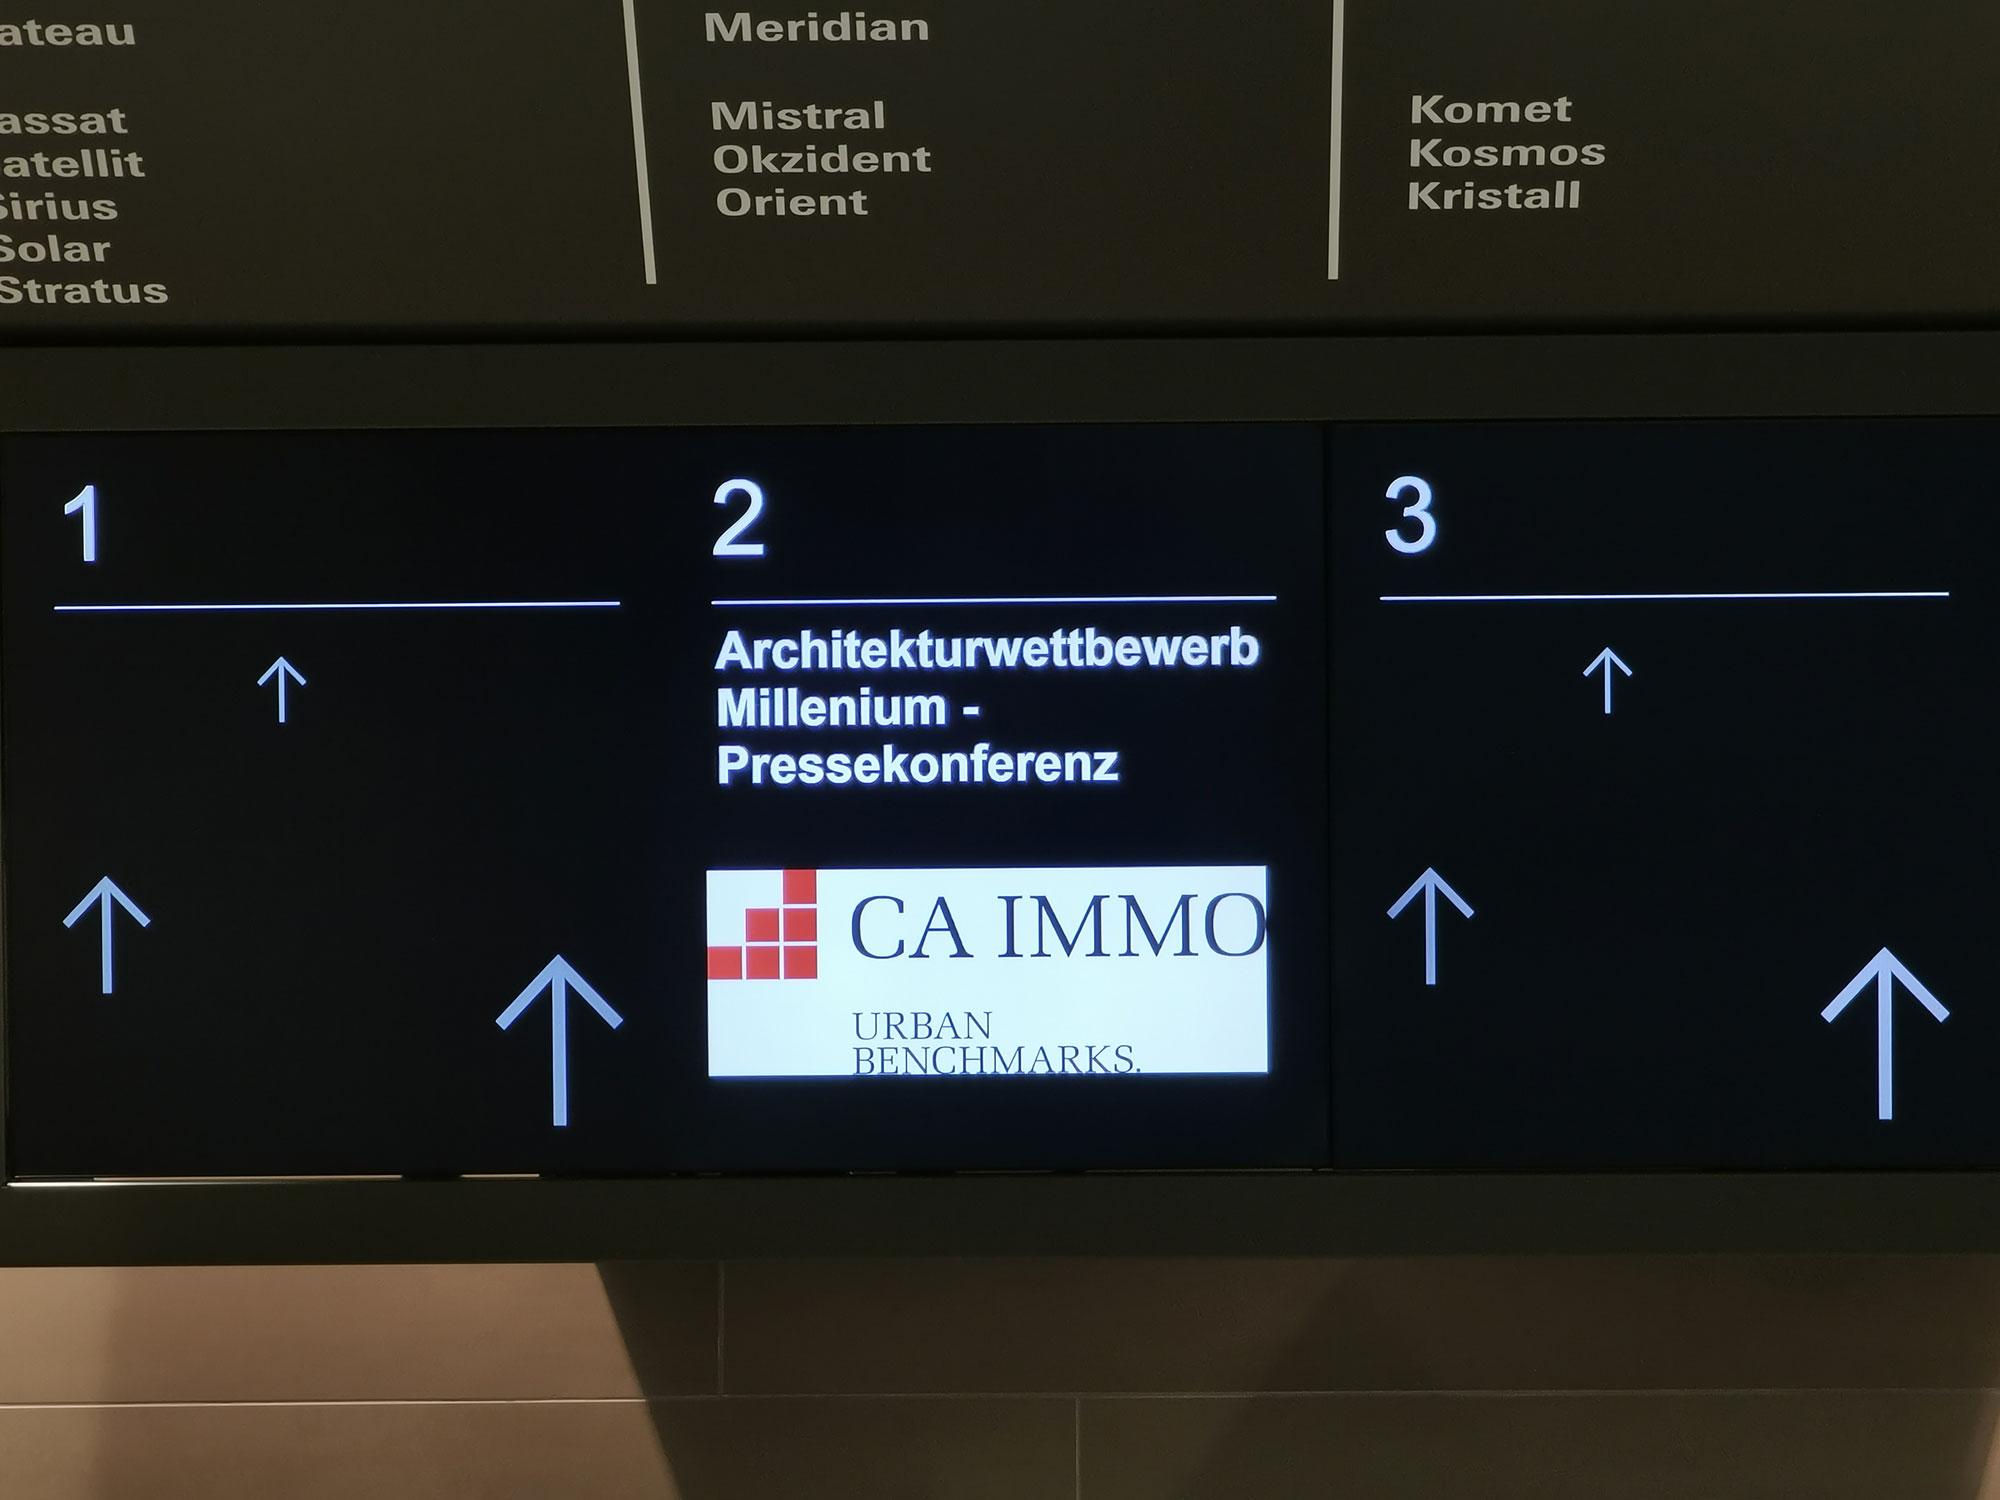 Architektur Wettbewerb - Millennium Areal Pressekonferenz - Millennium Tower - CA Immo - Urban Benchmarks